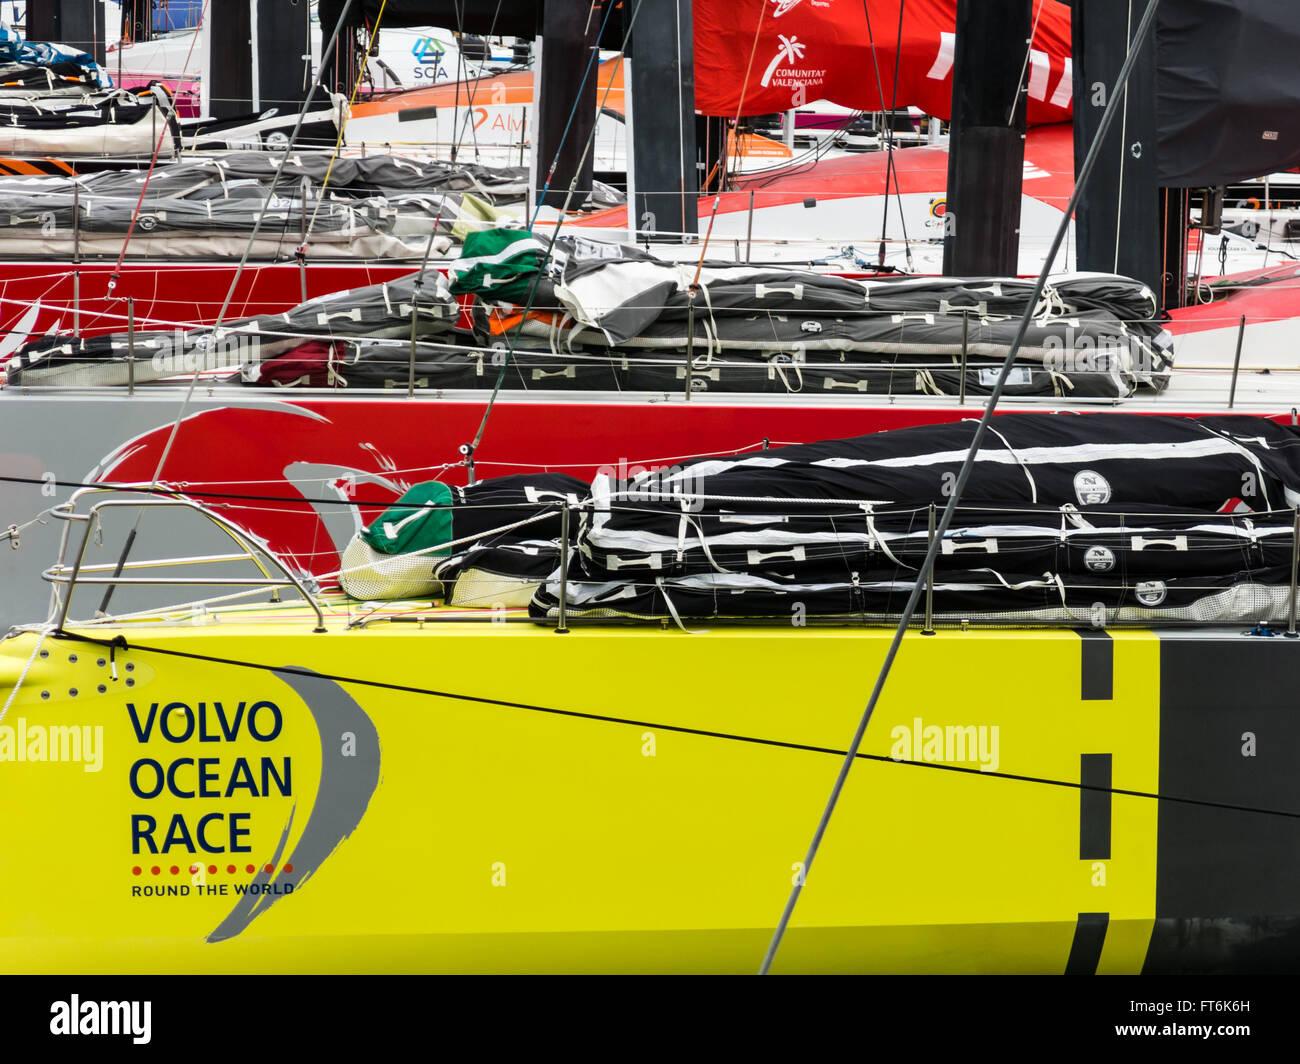 Volvo Ocean Race Stopover Festival in Scheveningen, The Hague, Netherlands - 19th June 2015 (VOR 2014-2015) - Stock Image